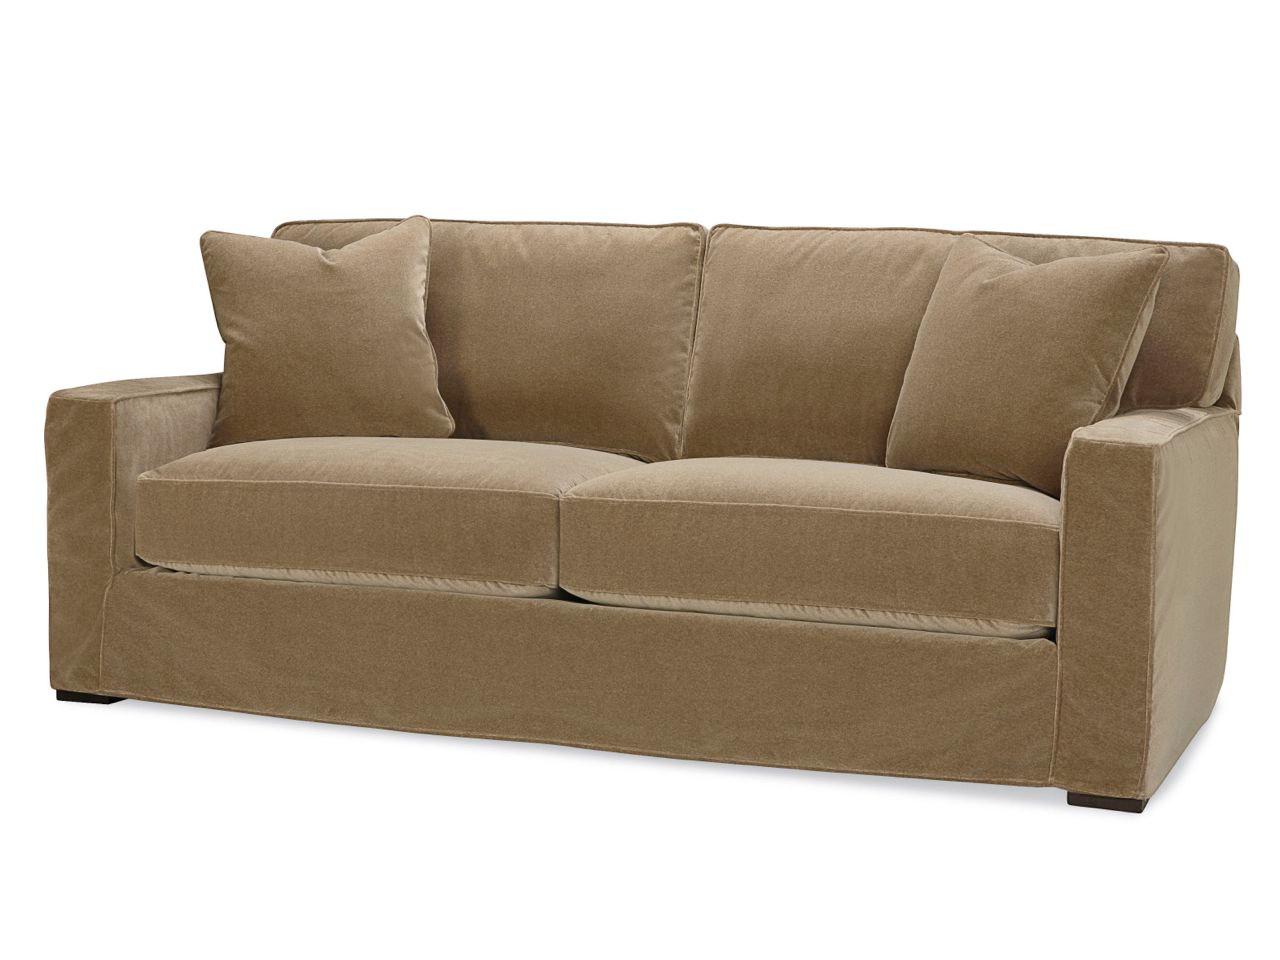 Swell Emery Slipcovered Queen Sleeper Slipcovered Sleeper Sofas Pdpeps Interior Chair Design Pdpepsorg